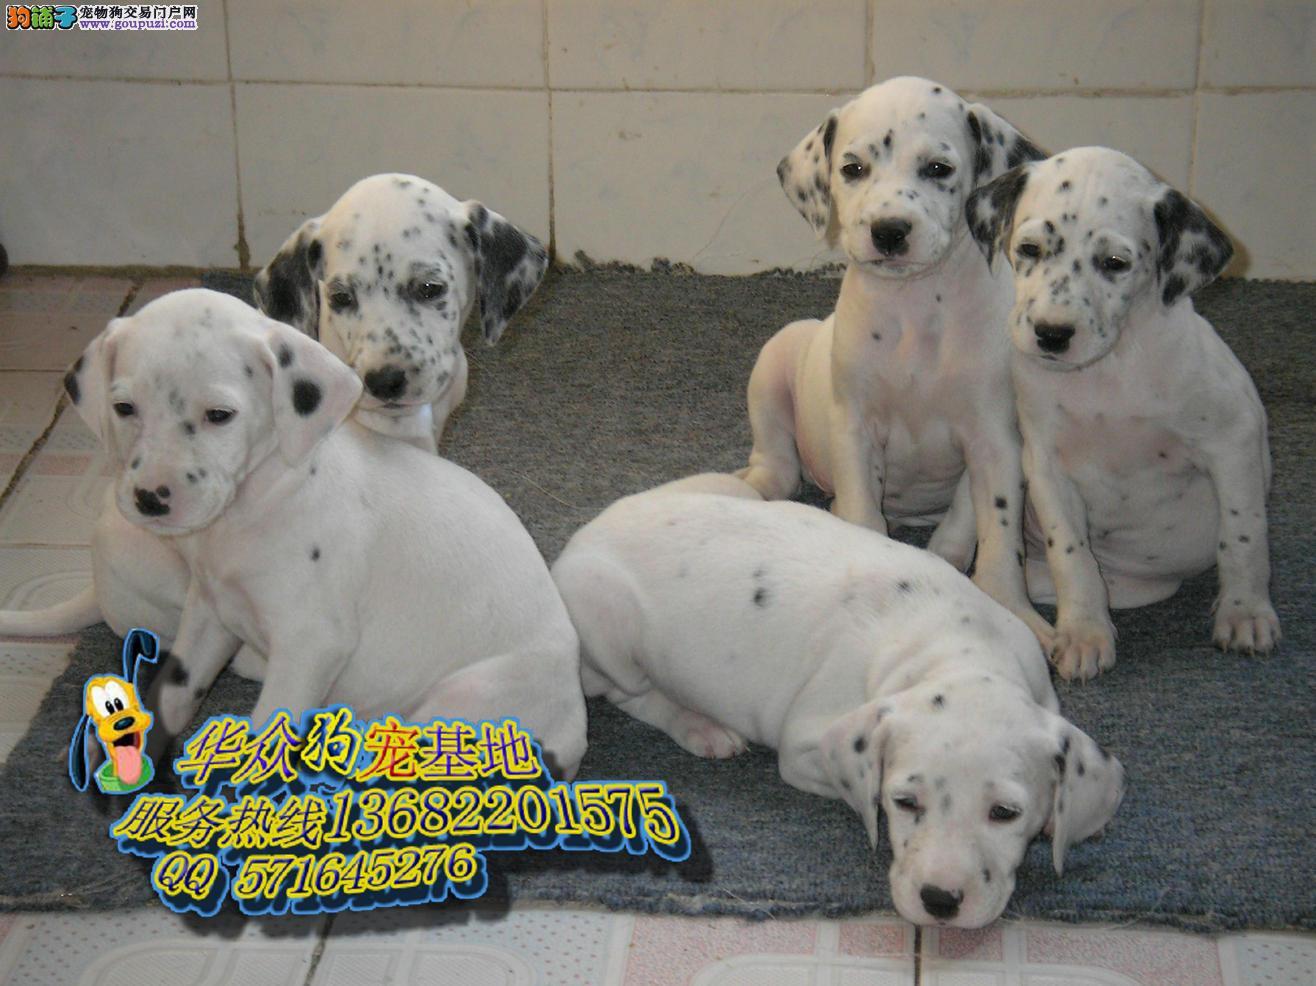 101斑点狗 中山哪里买斑点狗 纯种斑点狗多少钱一只